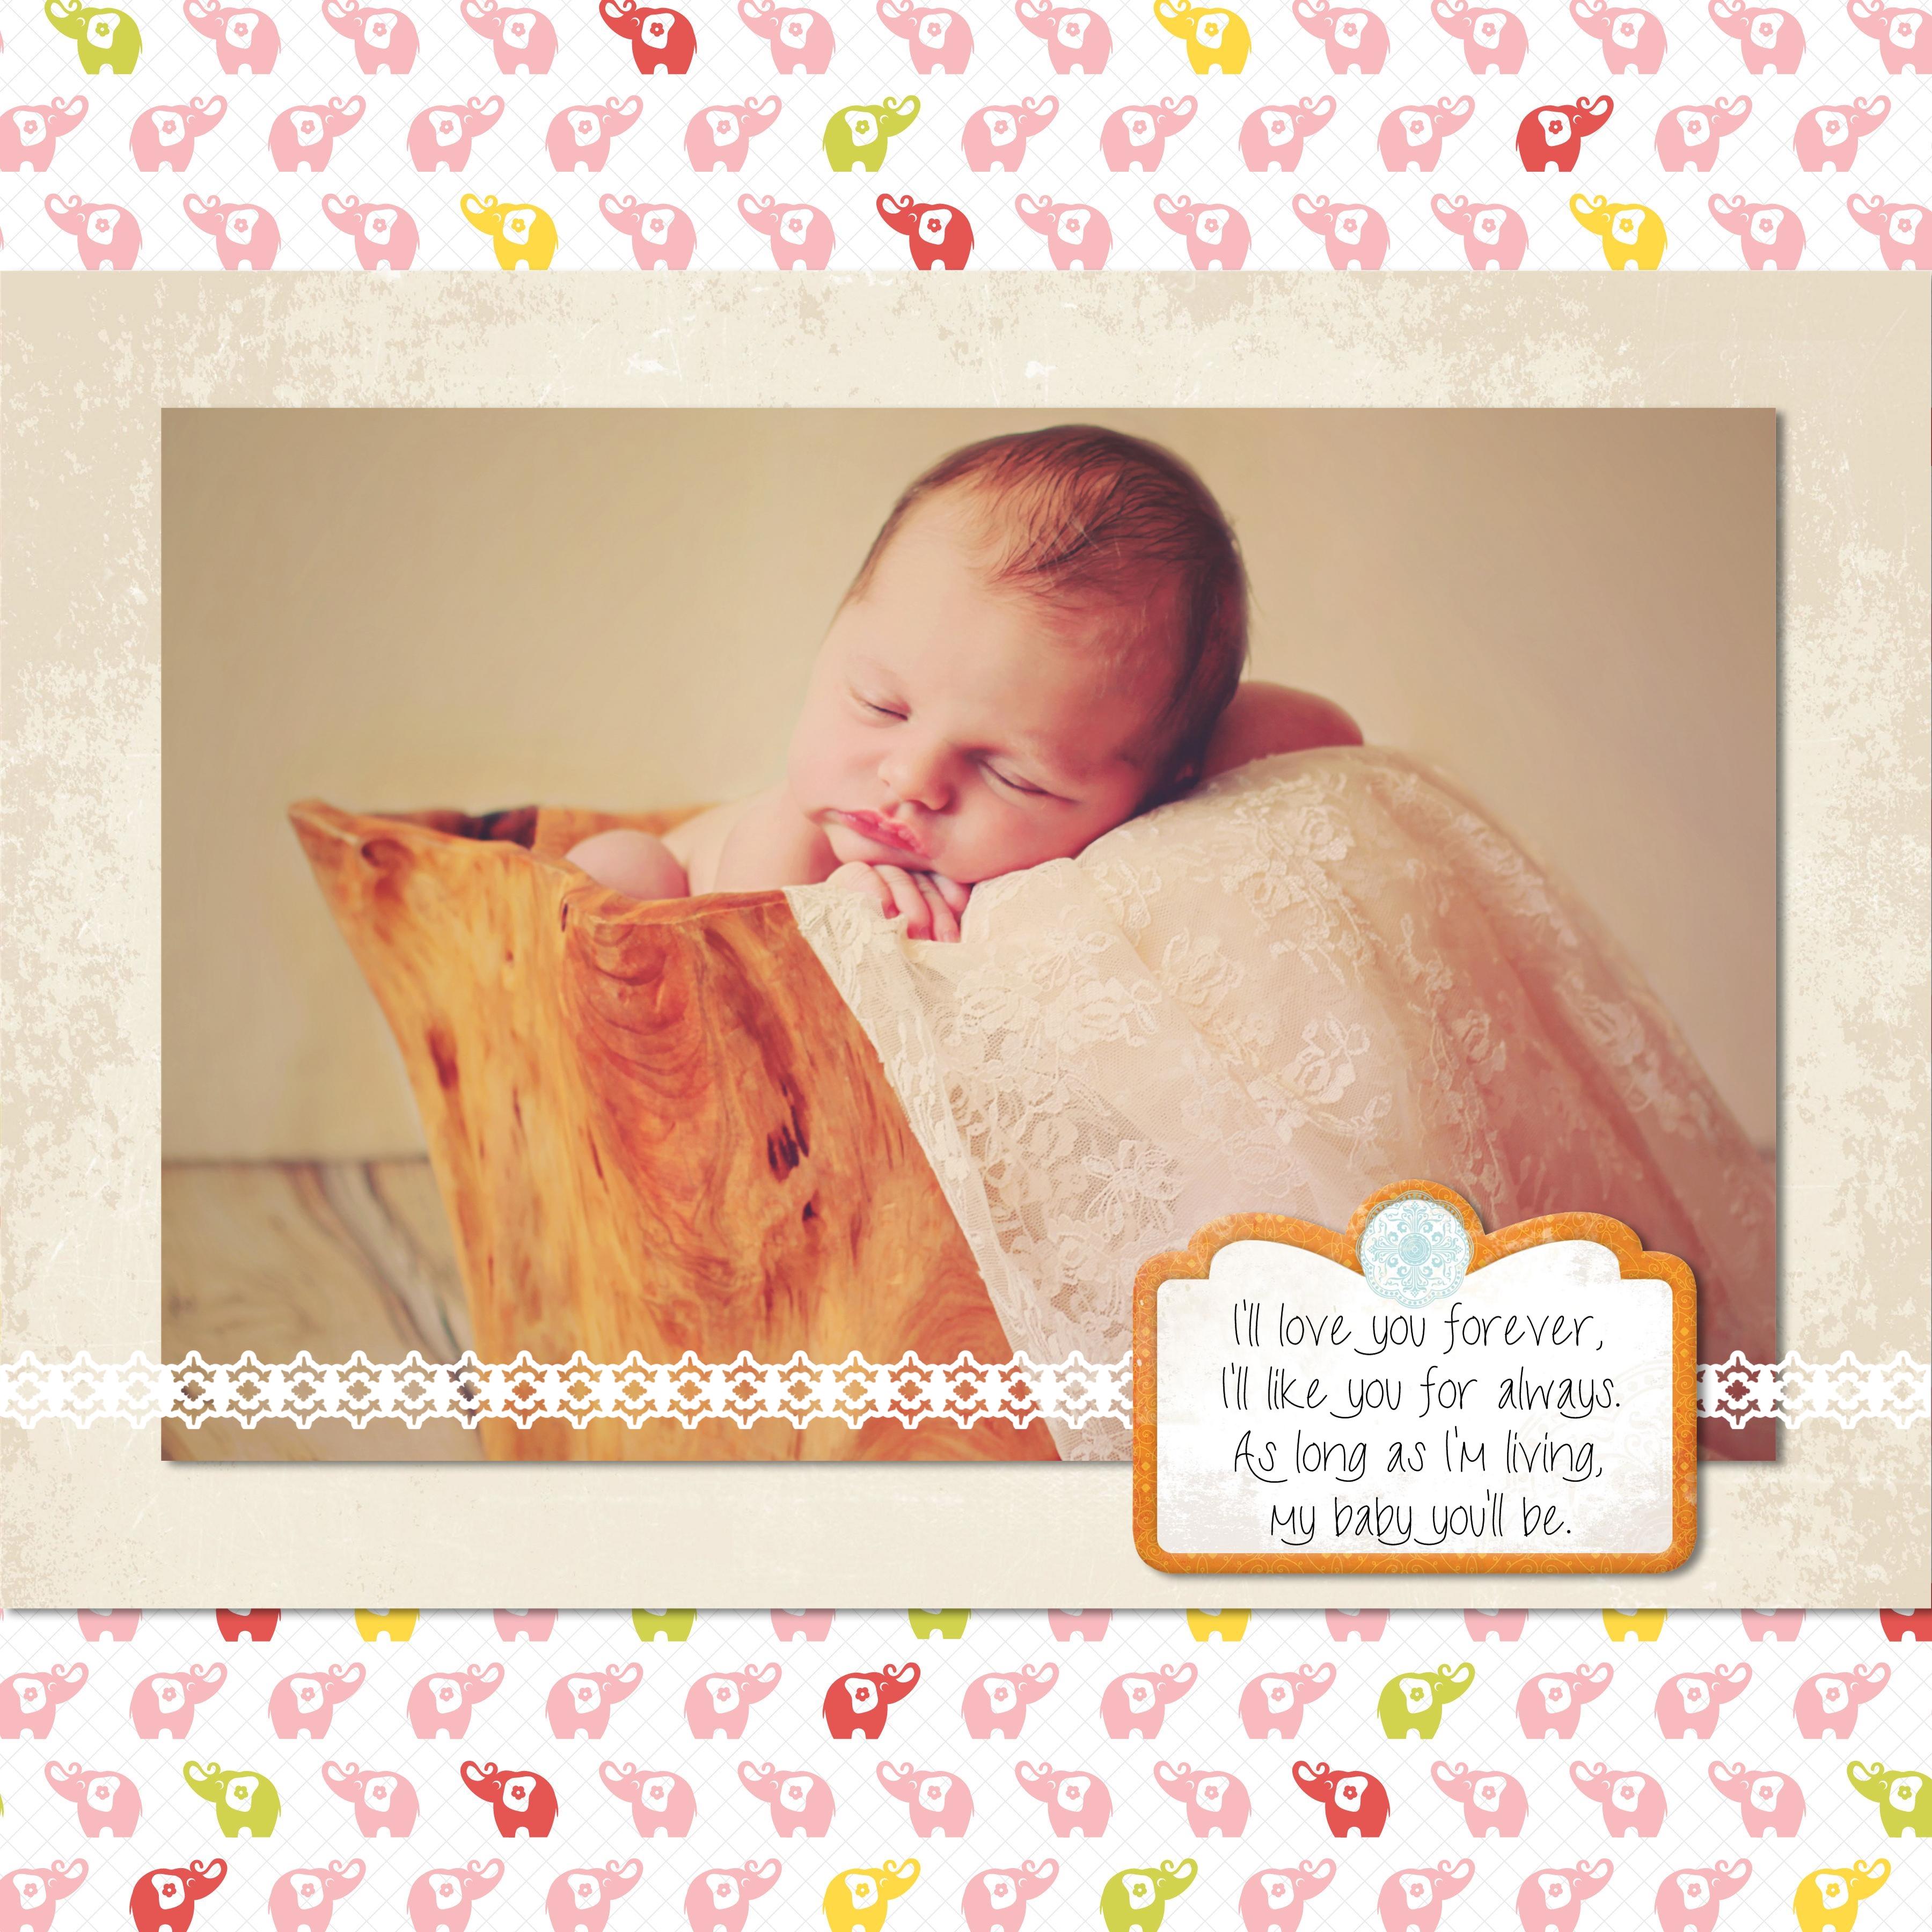 BabyGirl - Page 011.jpg